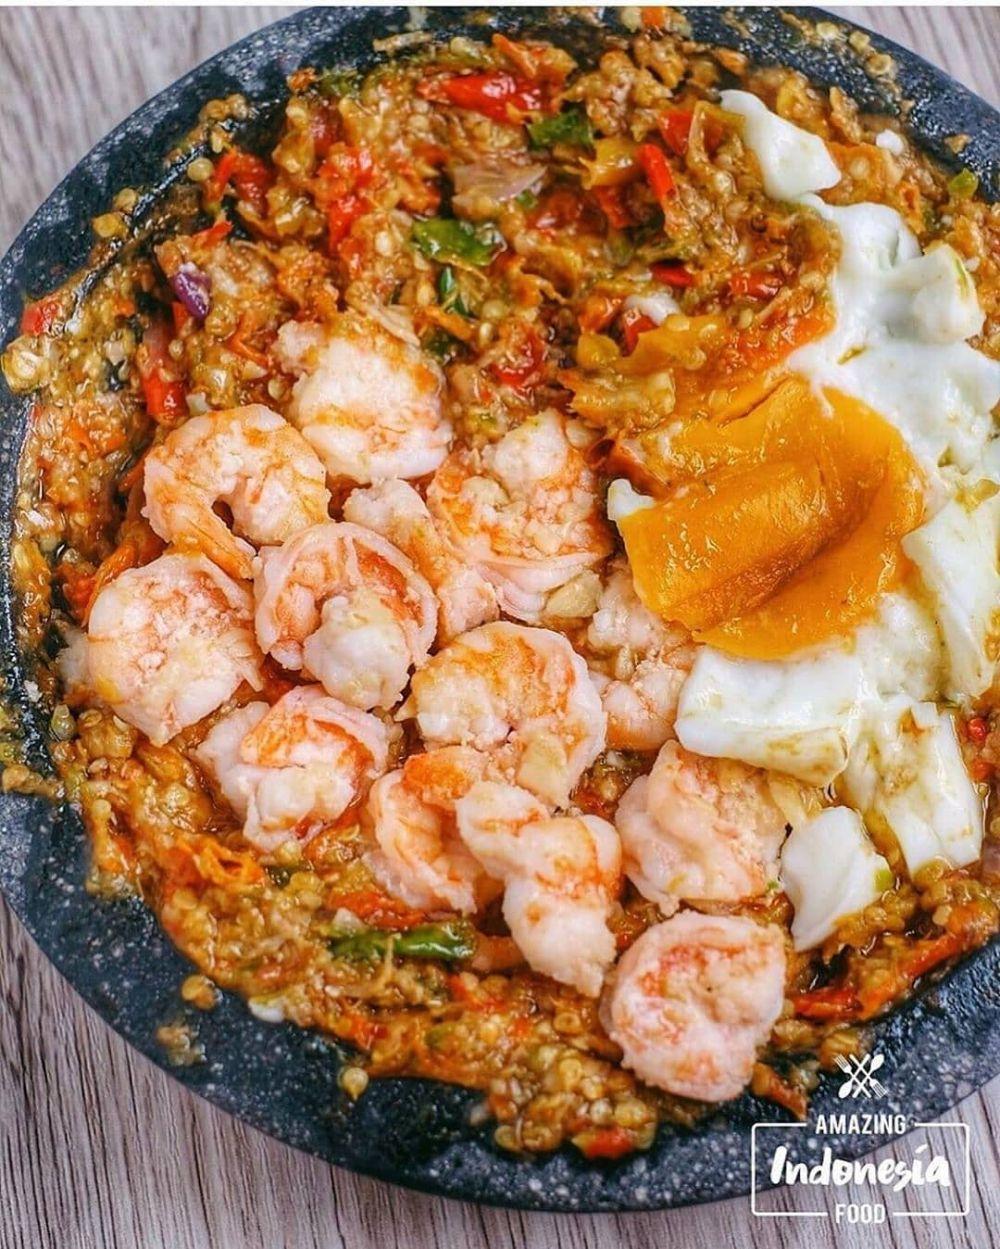 Resep Masakan Sederhana Menu Sehari Hari Istimewa Resep Masakan Resep Makanan Sehat Resep Makanan